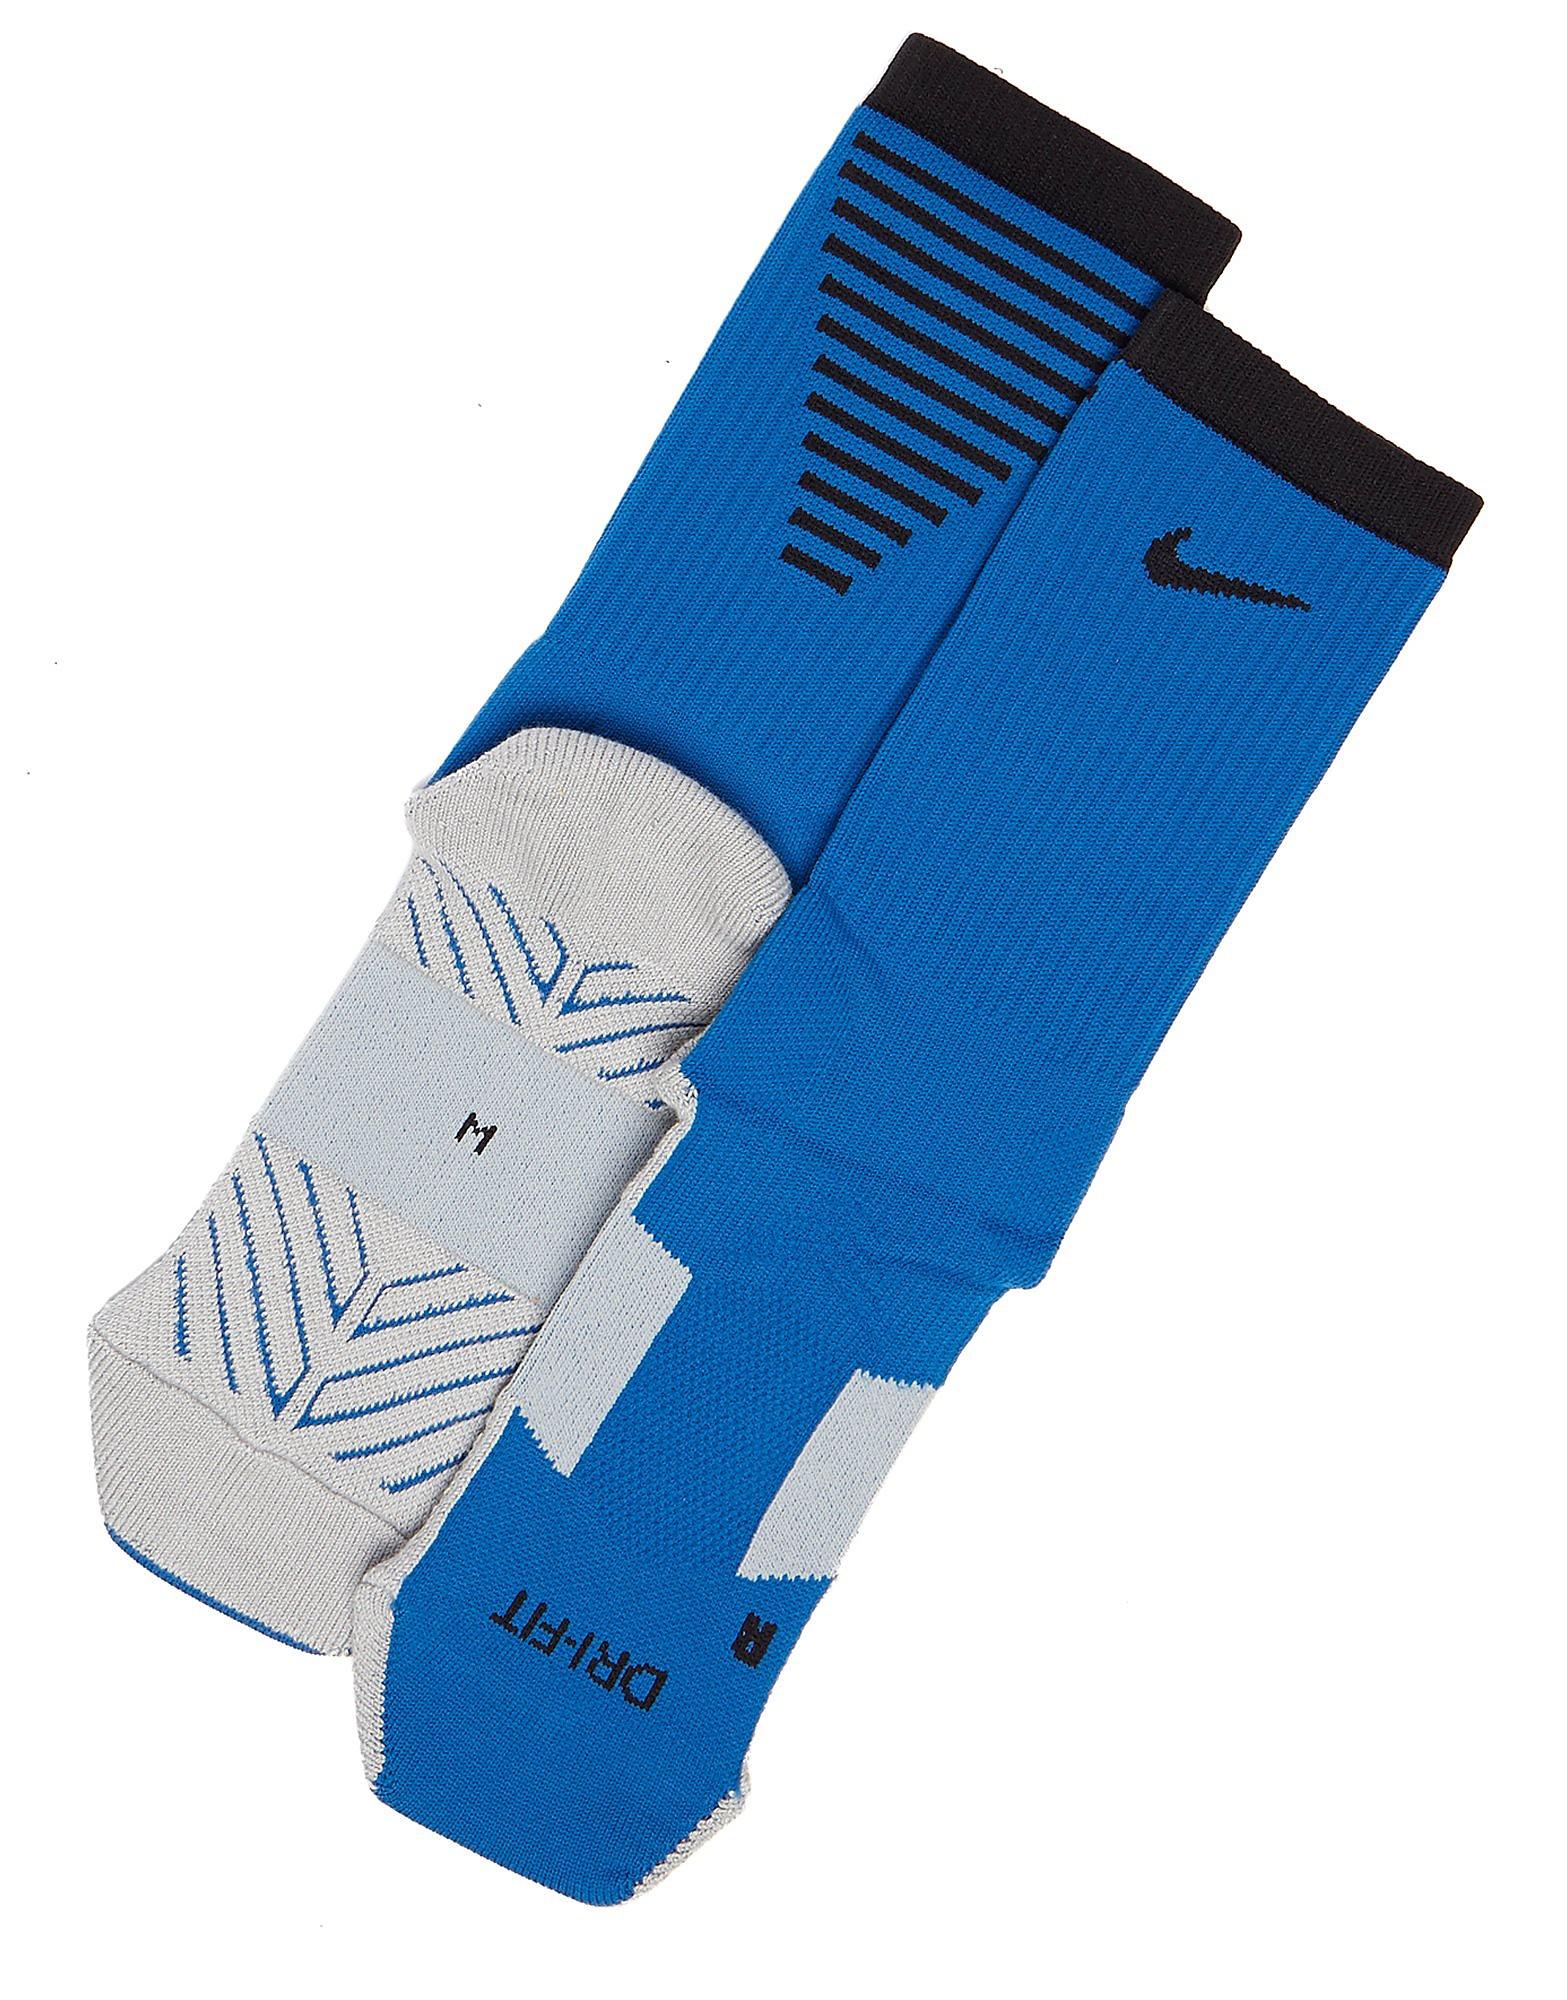 Nike MatchFit Crew Fußball Socken